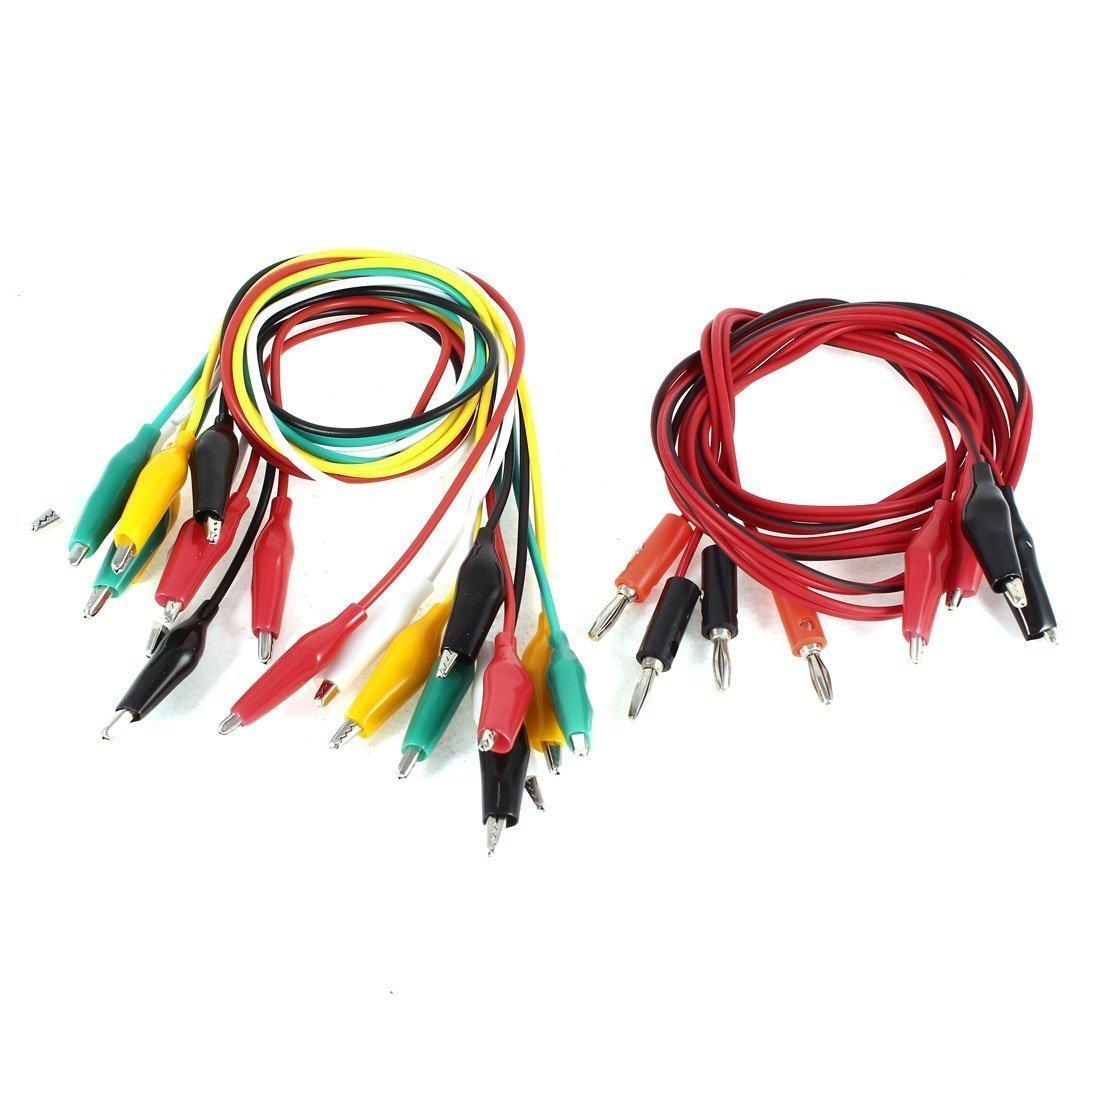 Banana plug to plug connector probe test leads 100cm